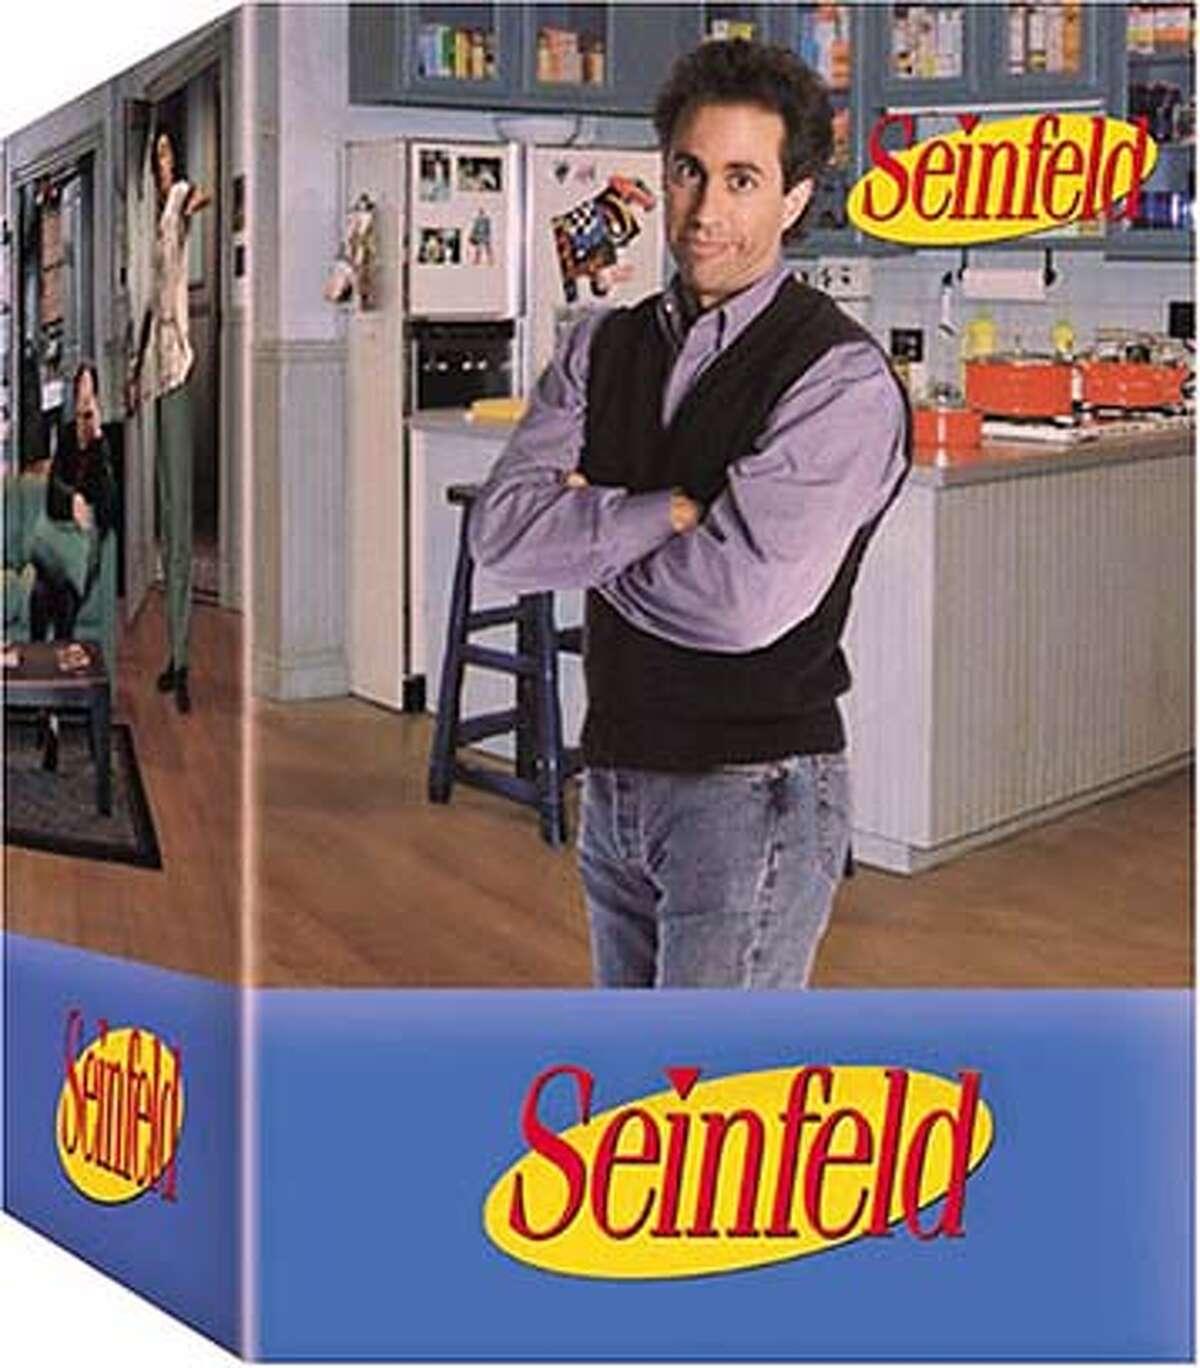 DVD cover art for Seinfeld, DVD.